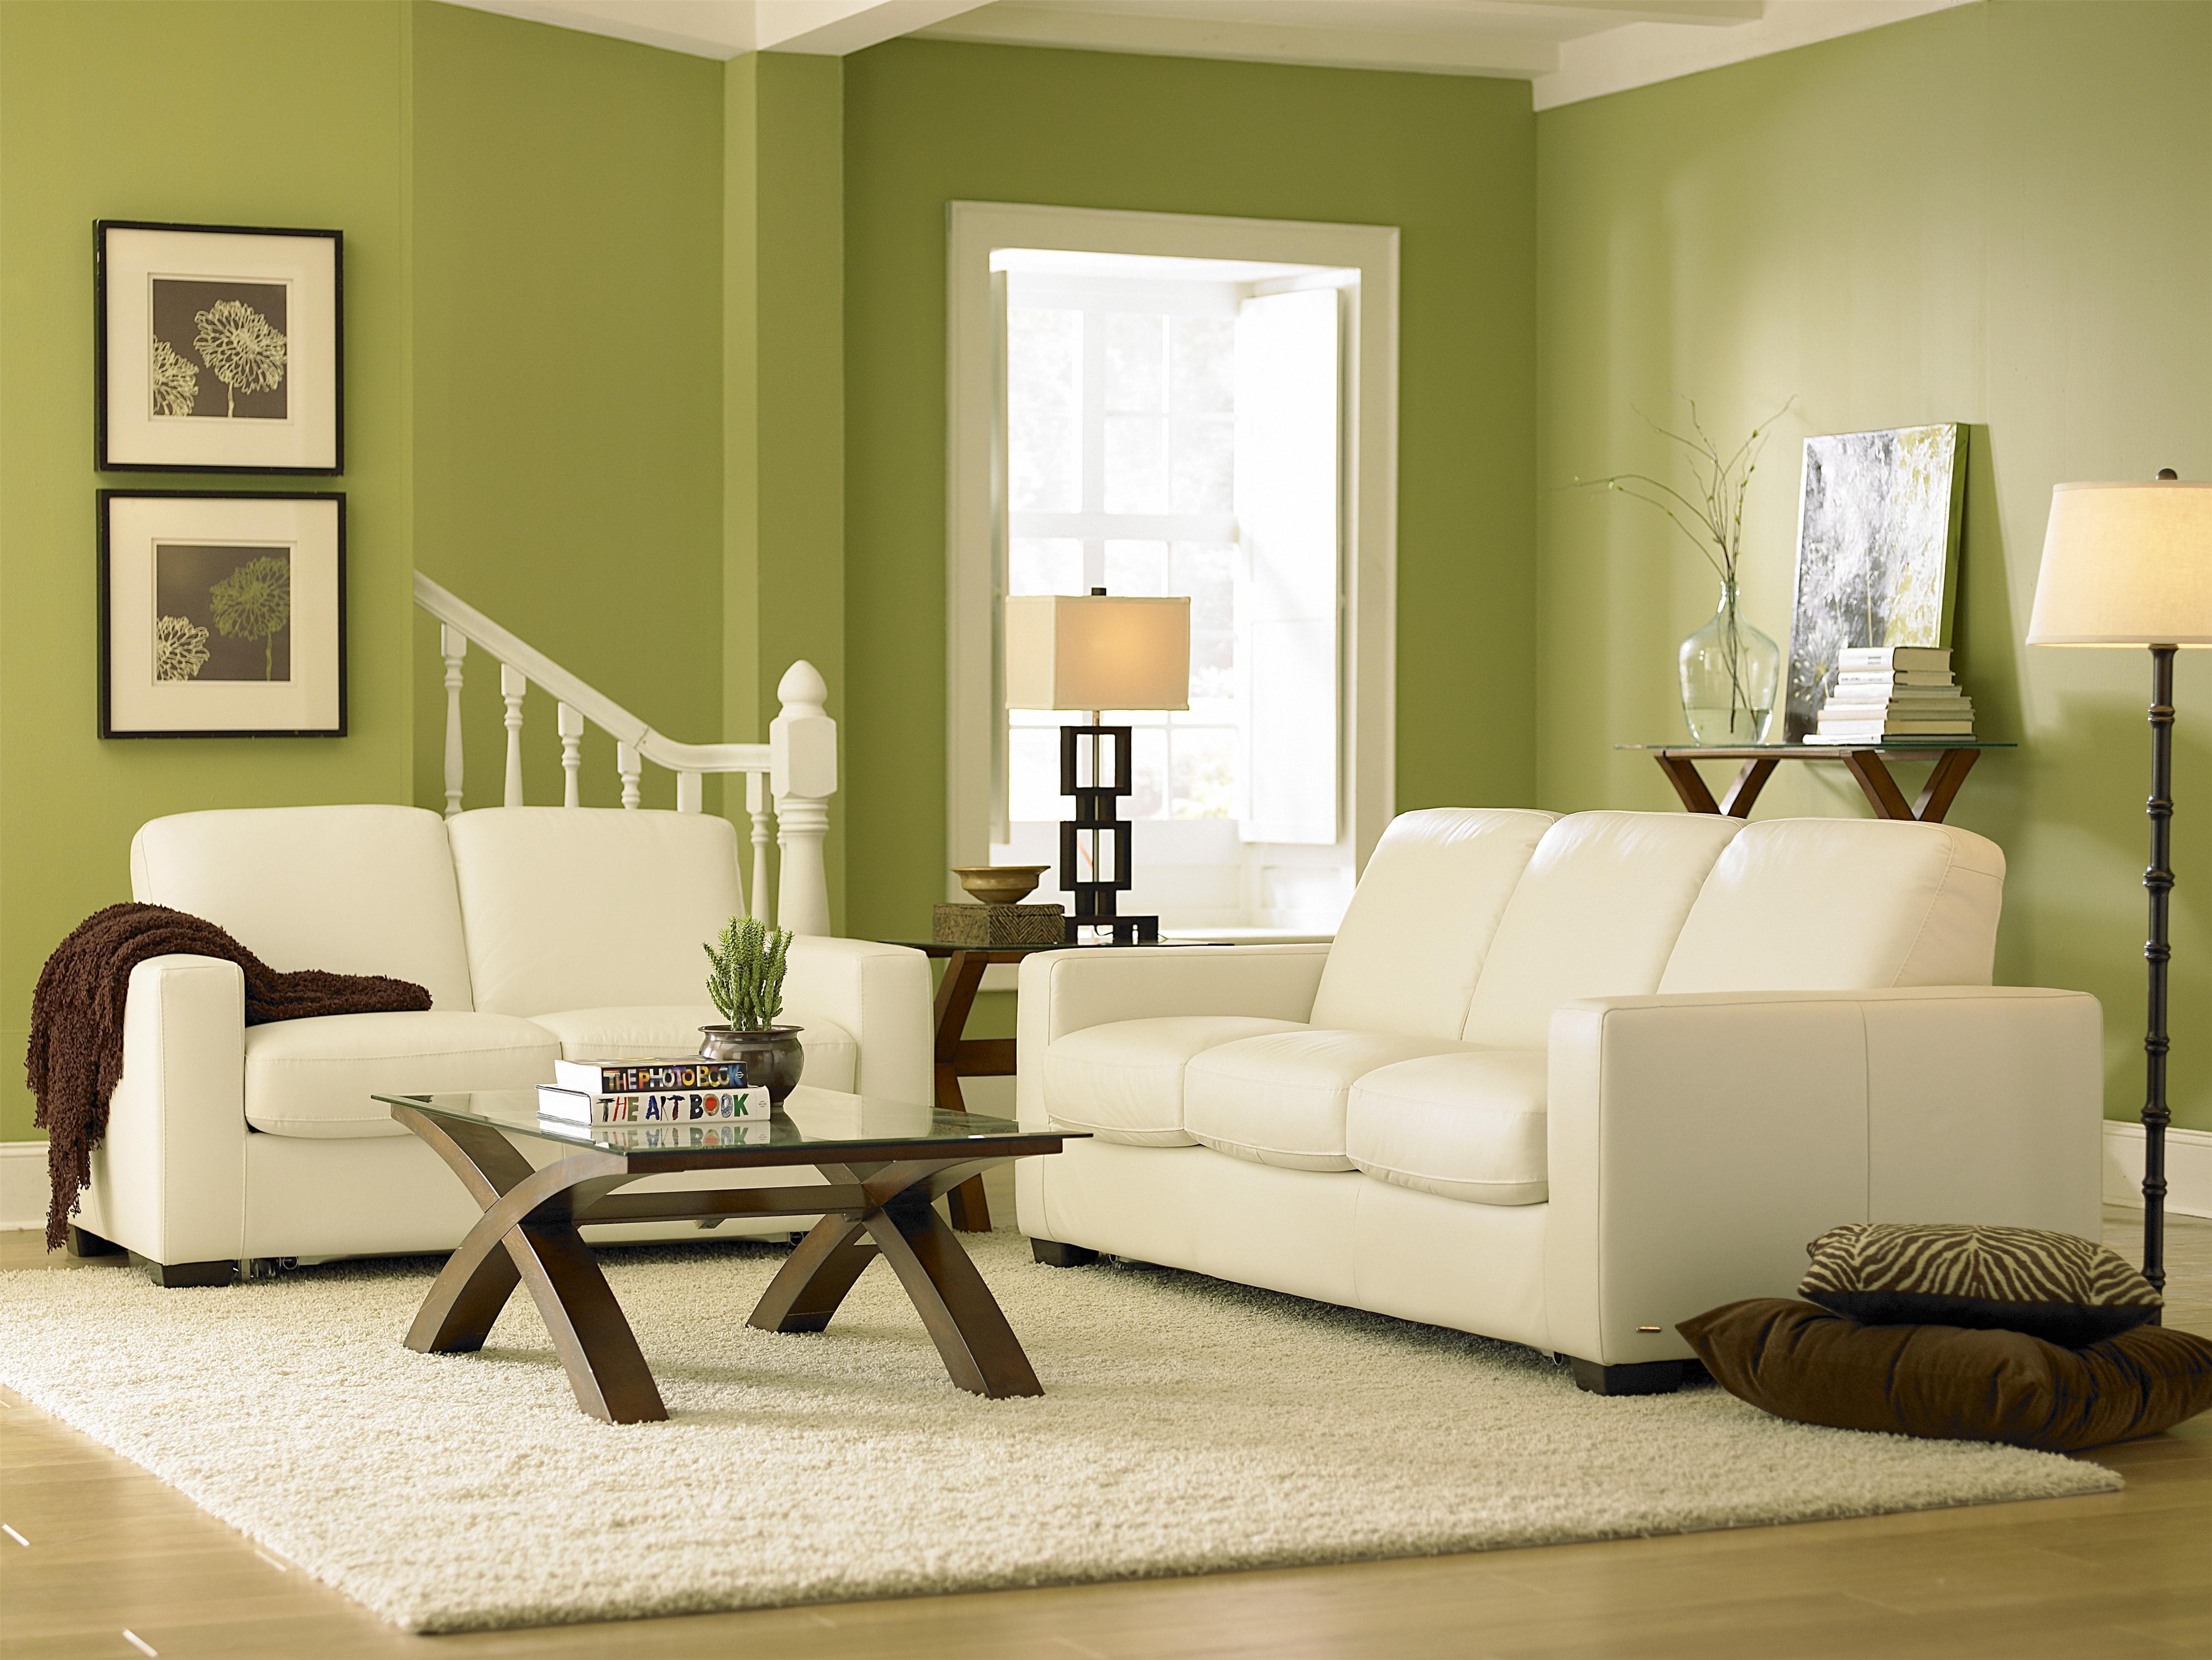 B534 (b534) by Natuzzi Editions - Baer\'s Furniture - Natuzzi ...